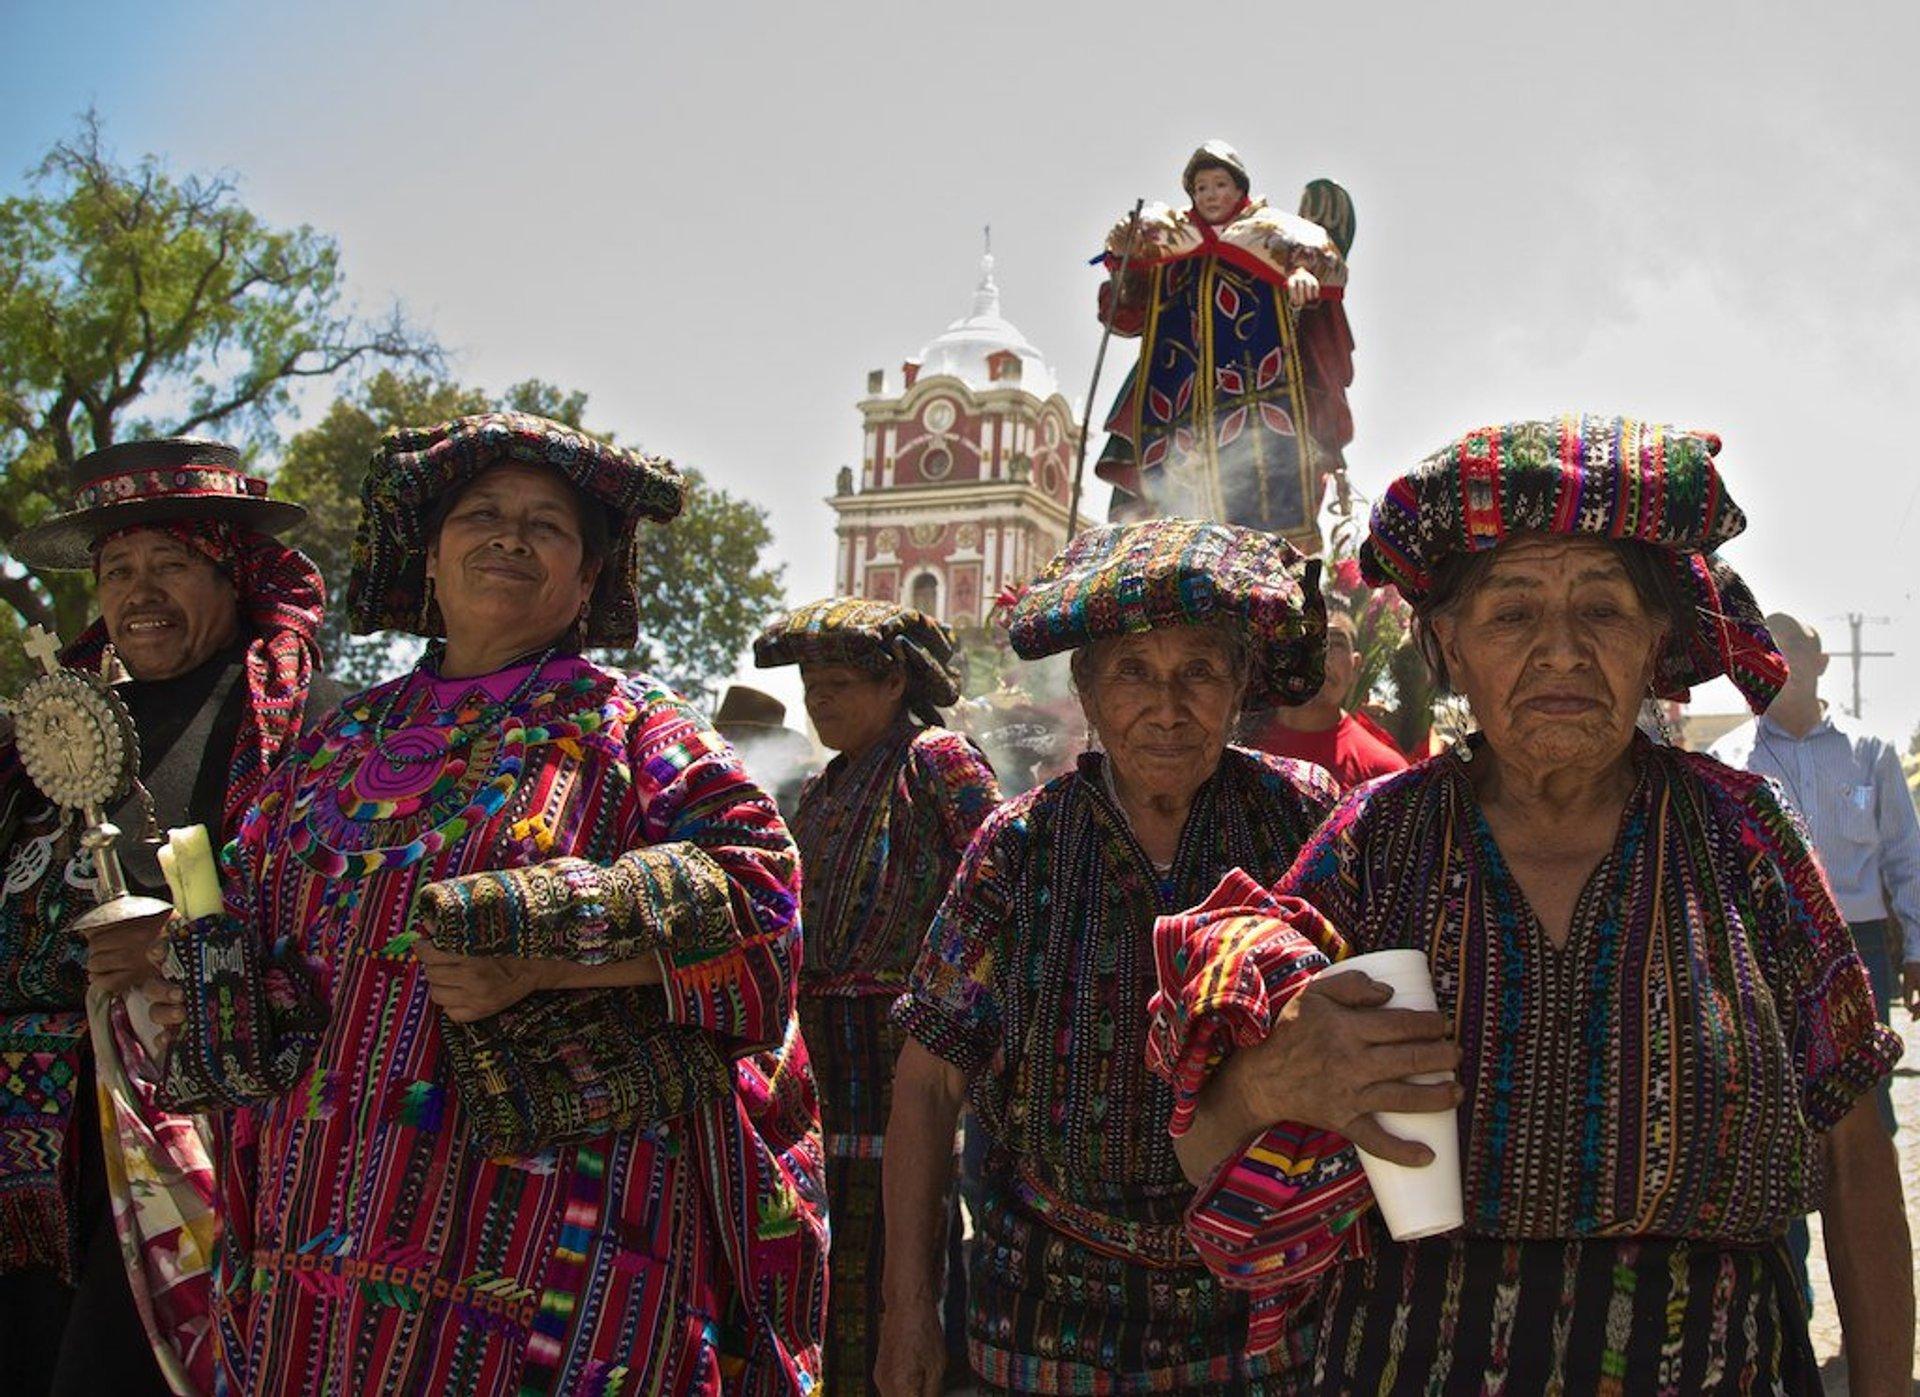 Best time for Día de la Asunción in Guatemala 2019